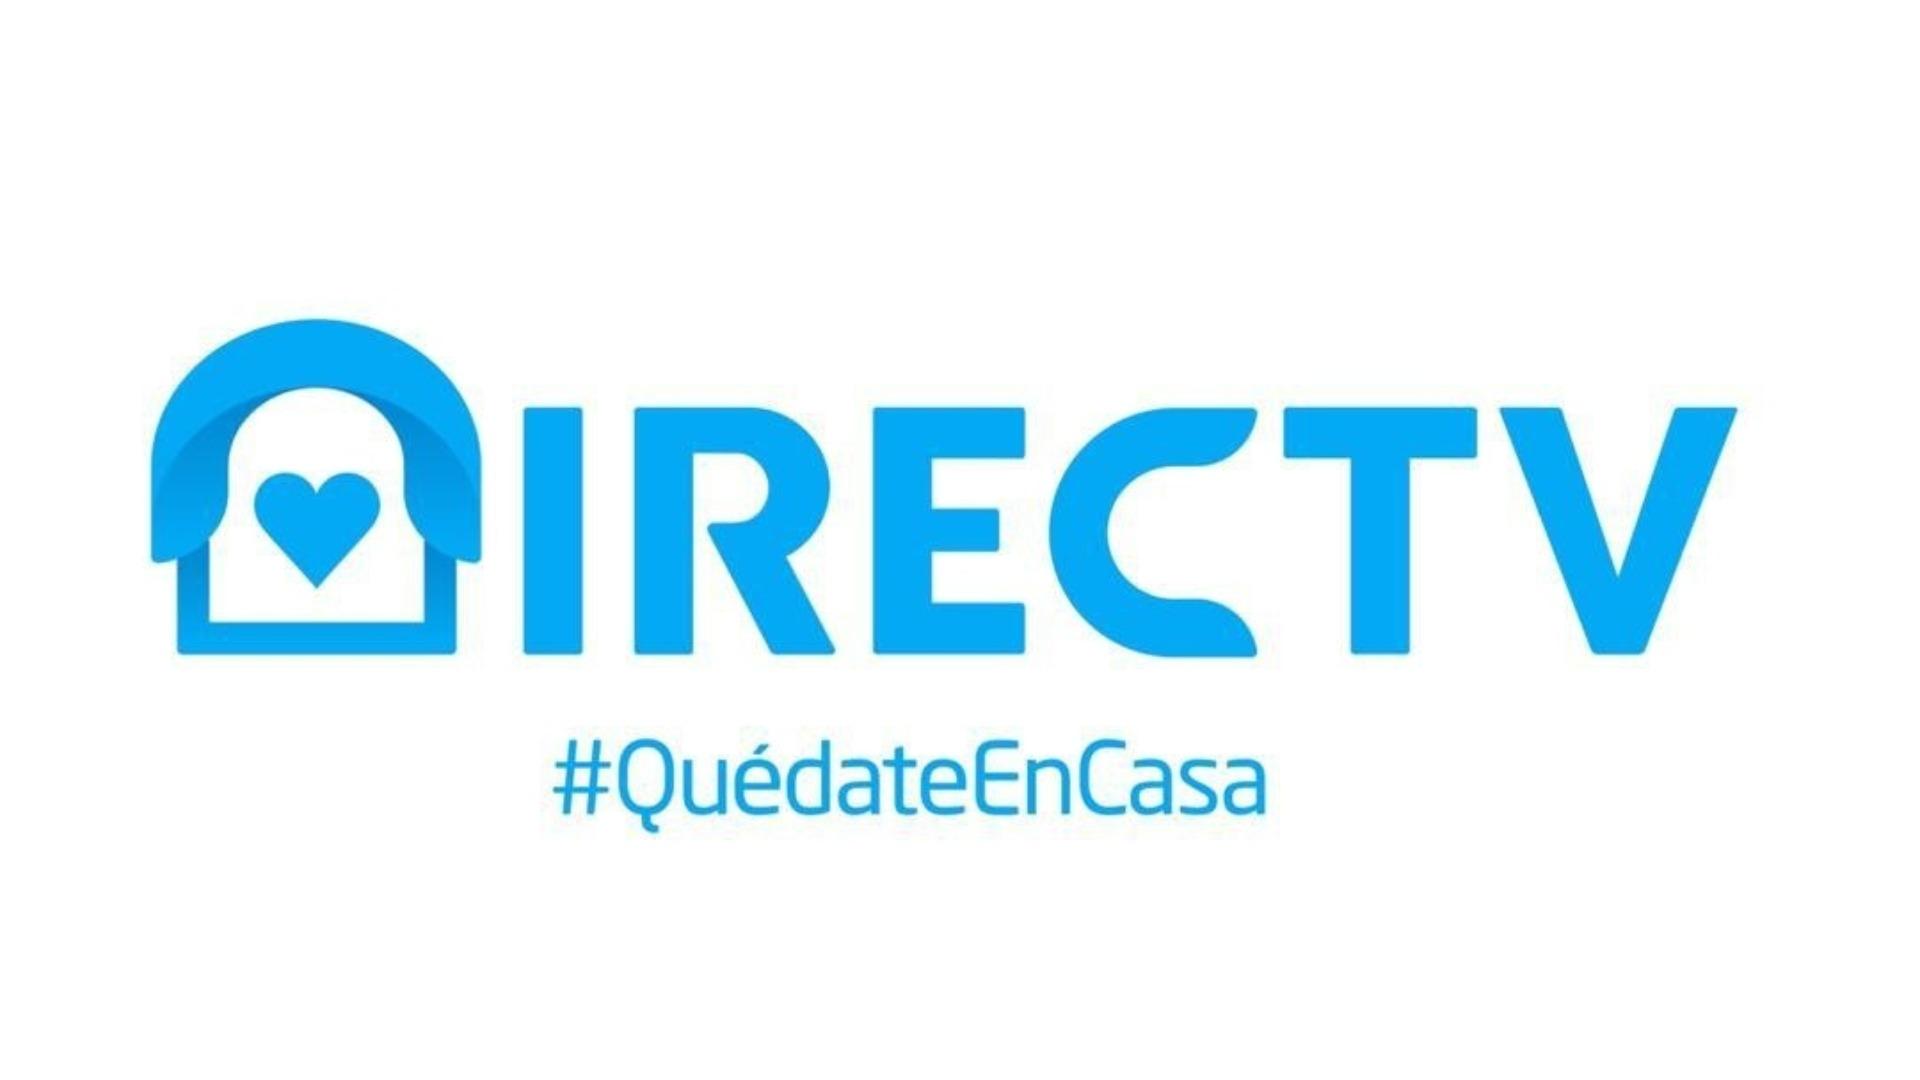 Directv lanza nuevo logotipo y campaña con mayores beneficios para sus clientes